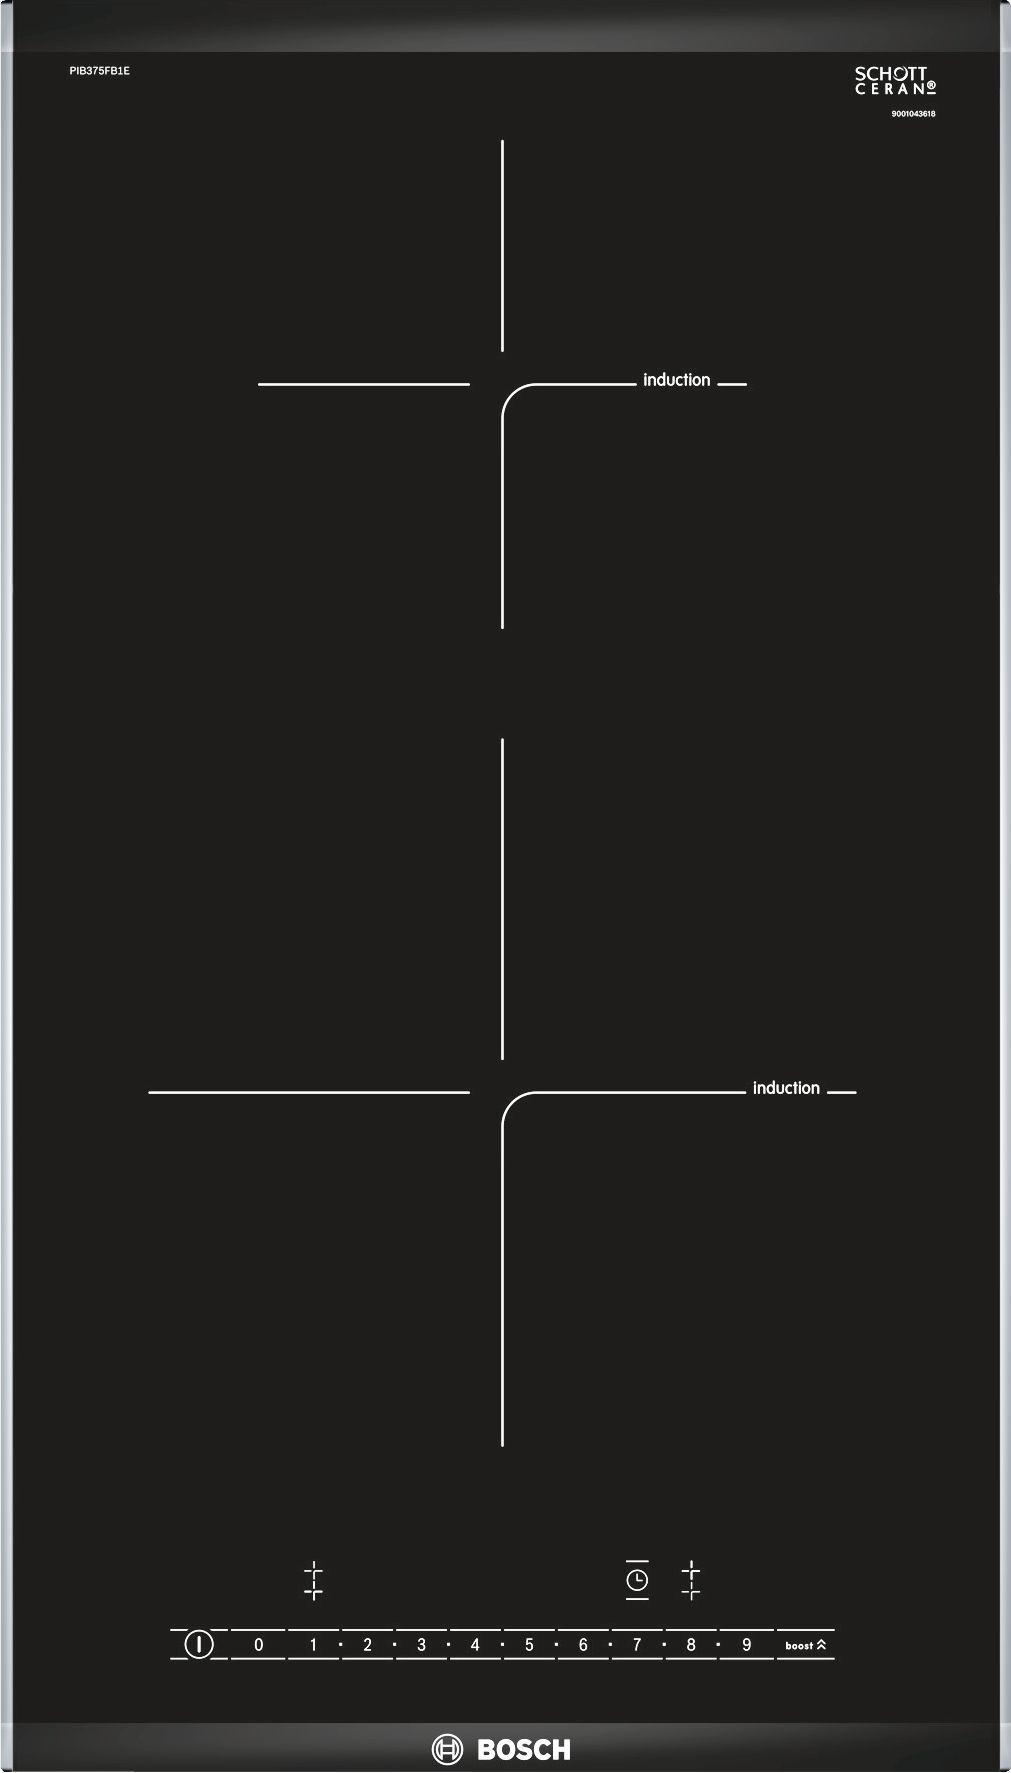 Serie | 6 Indukciona staklokeramička ploča za kuvanje domino, 30 cm